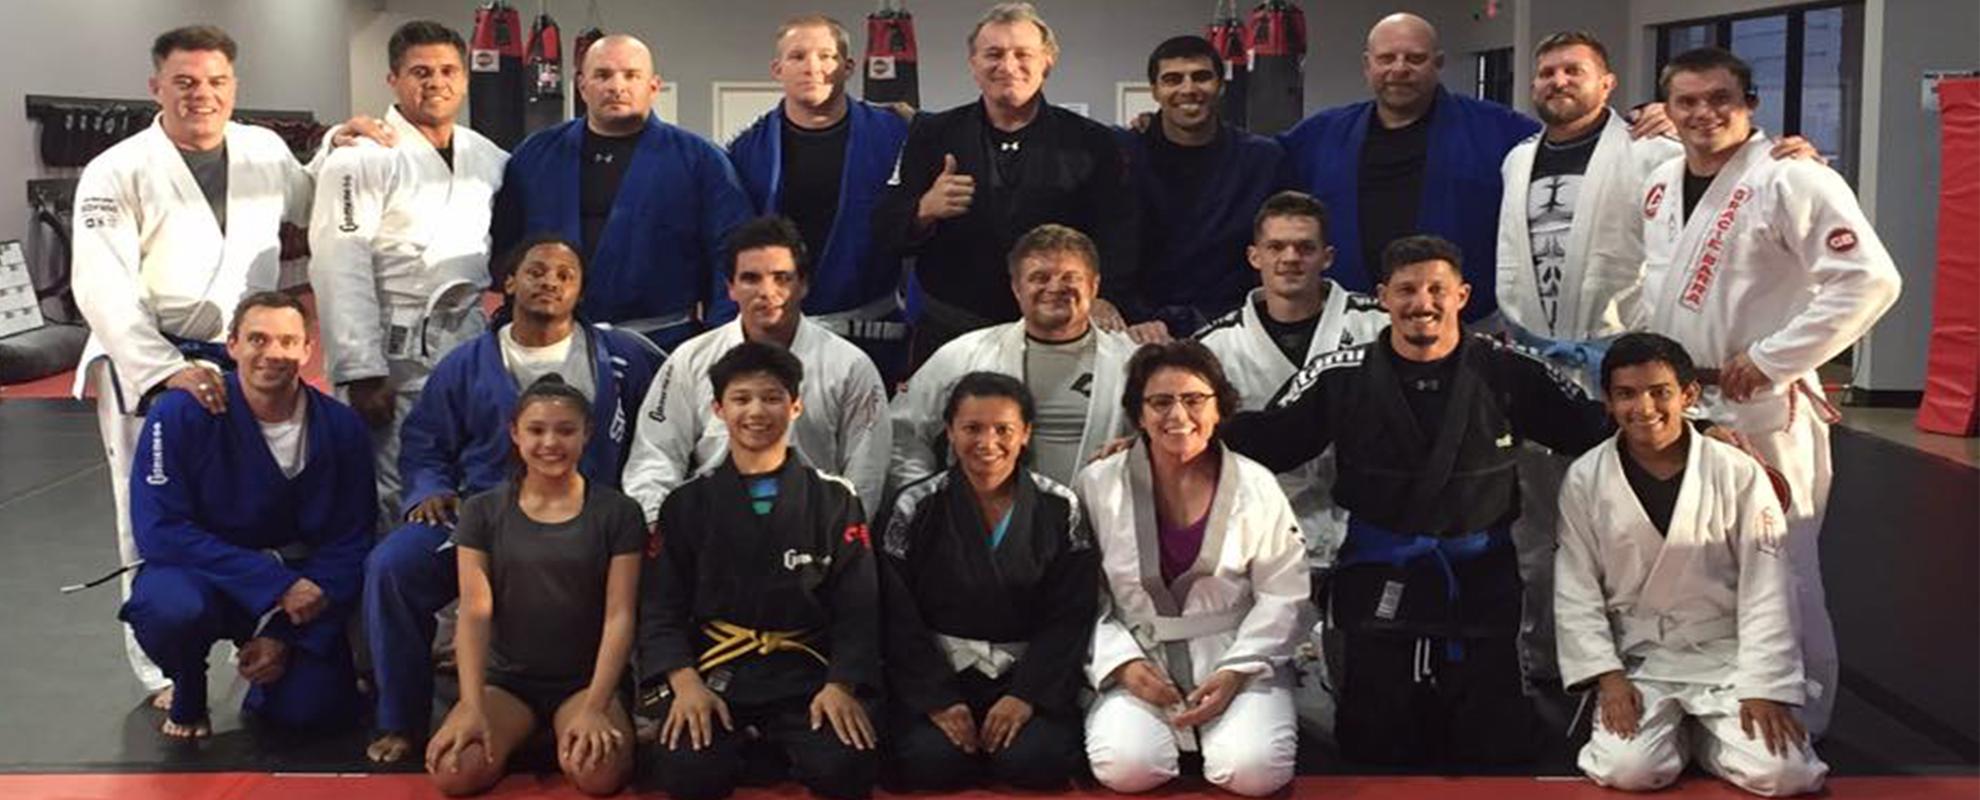 Next Level Jiu Jitsu Brazilian Jiu Jitsu Home Page Pic